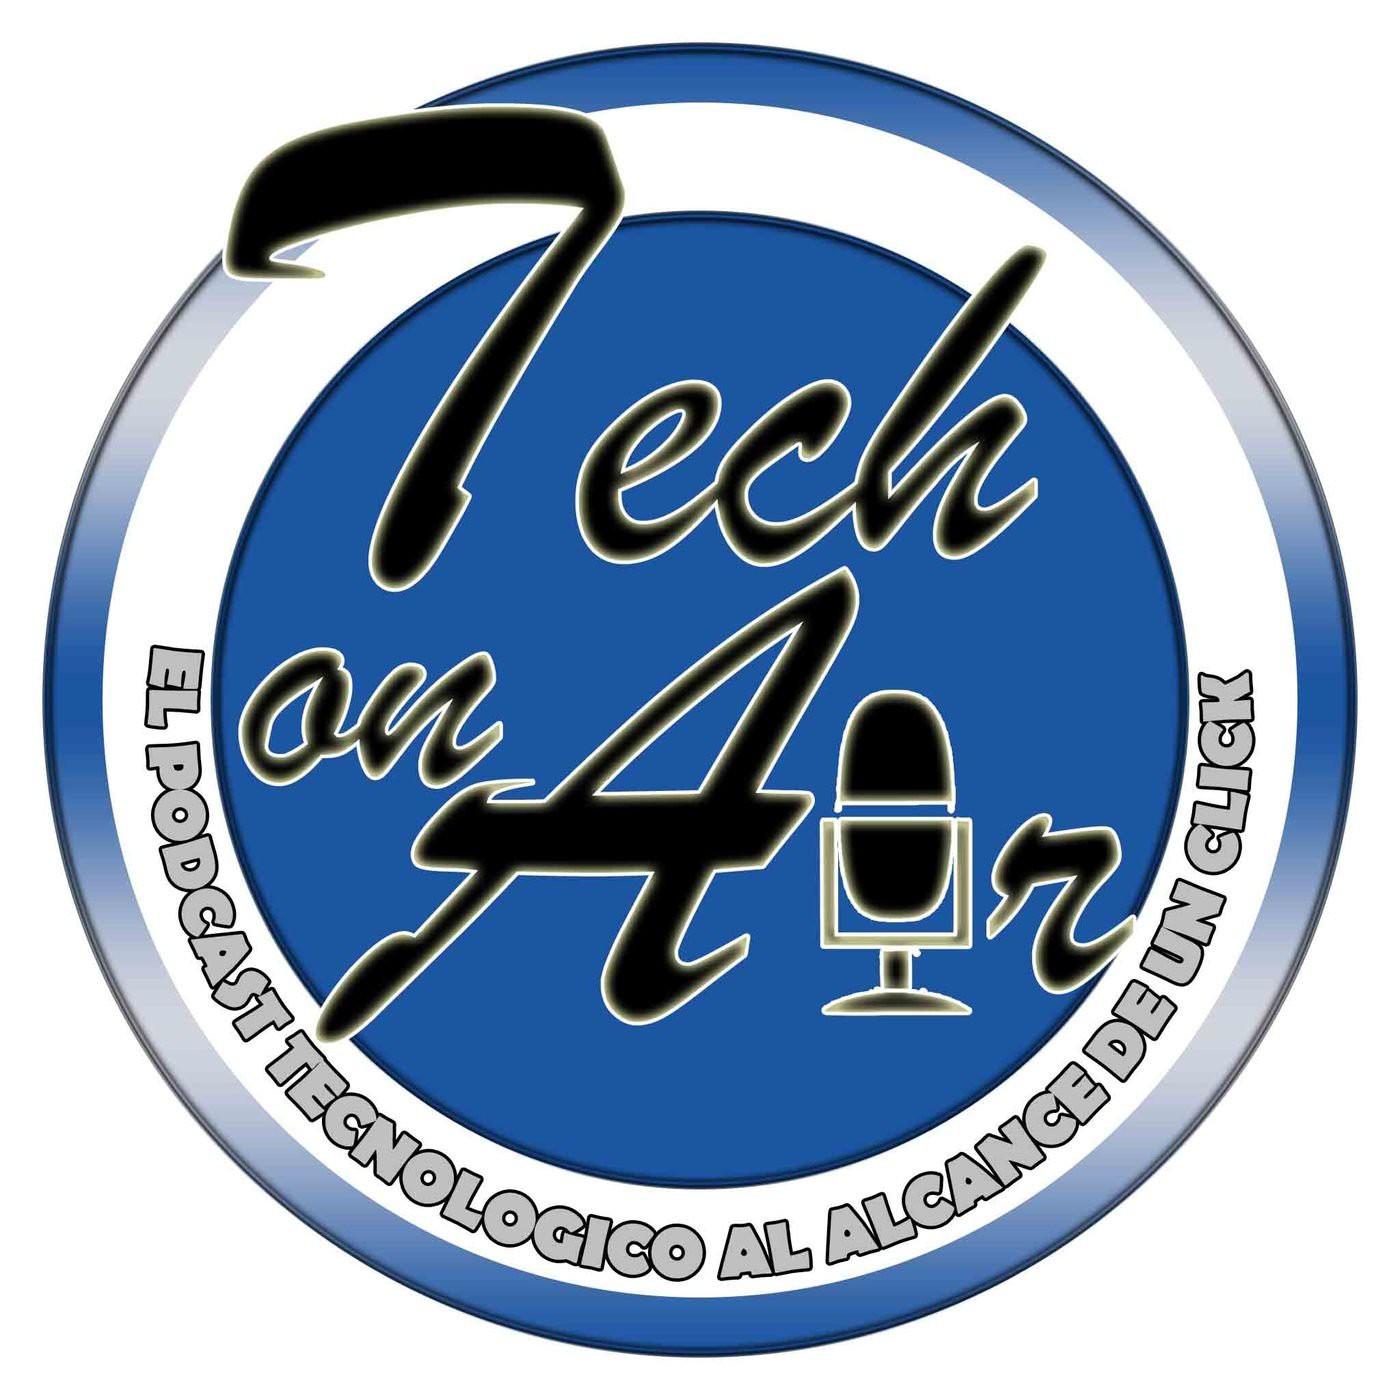 El mundo de Tech on Air